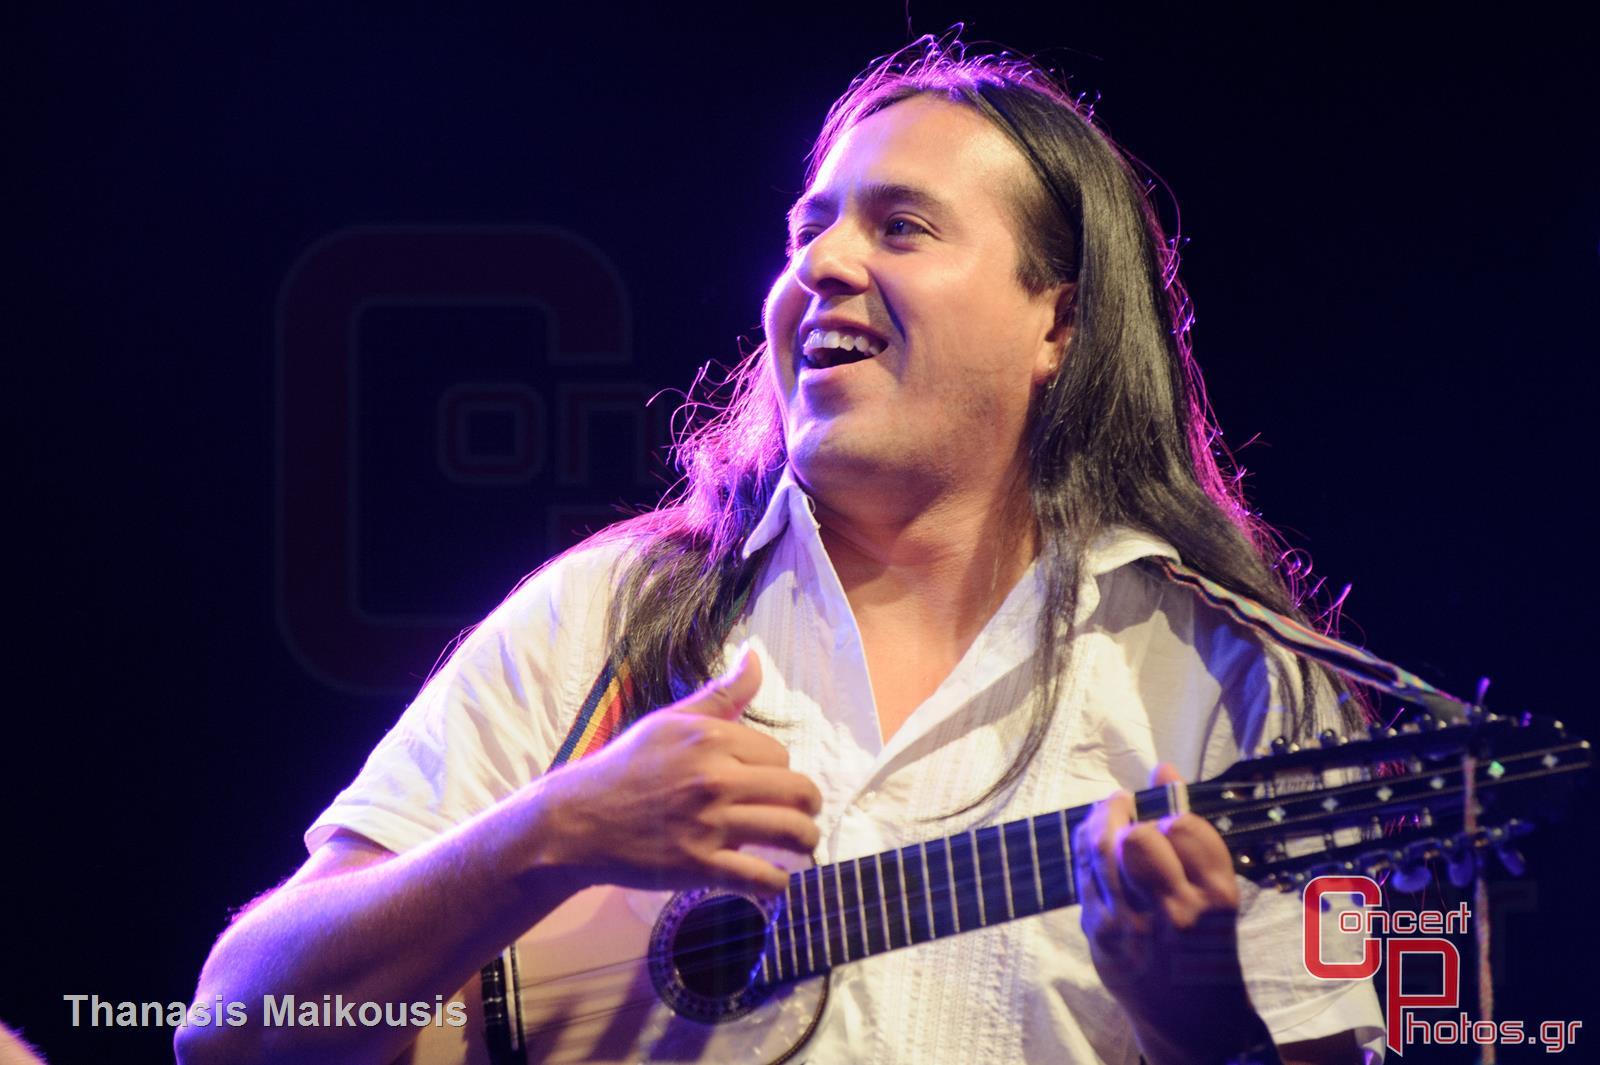 Locomondo-Locomondo 2013 Bolivar photographer: Thanasis Maikousis - concertphotos_-6715